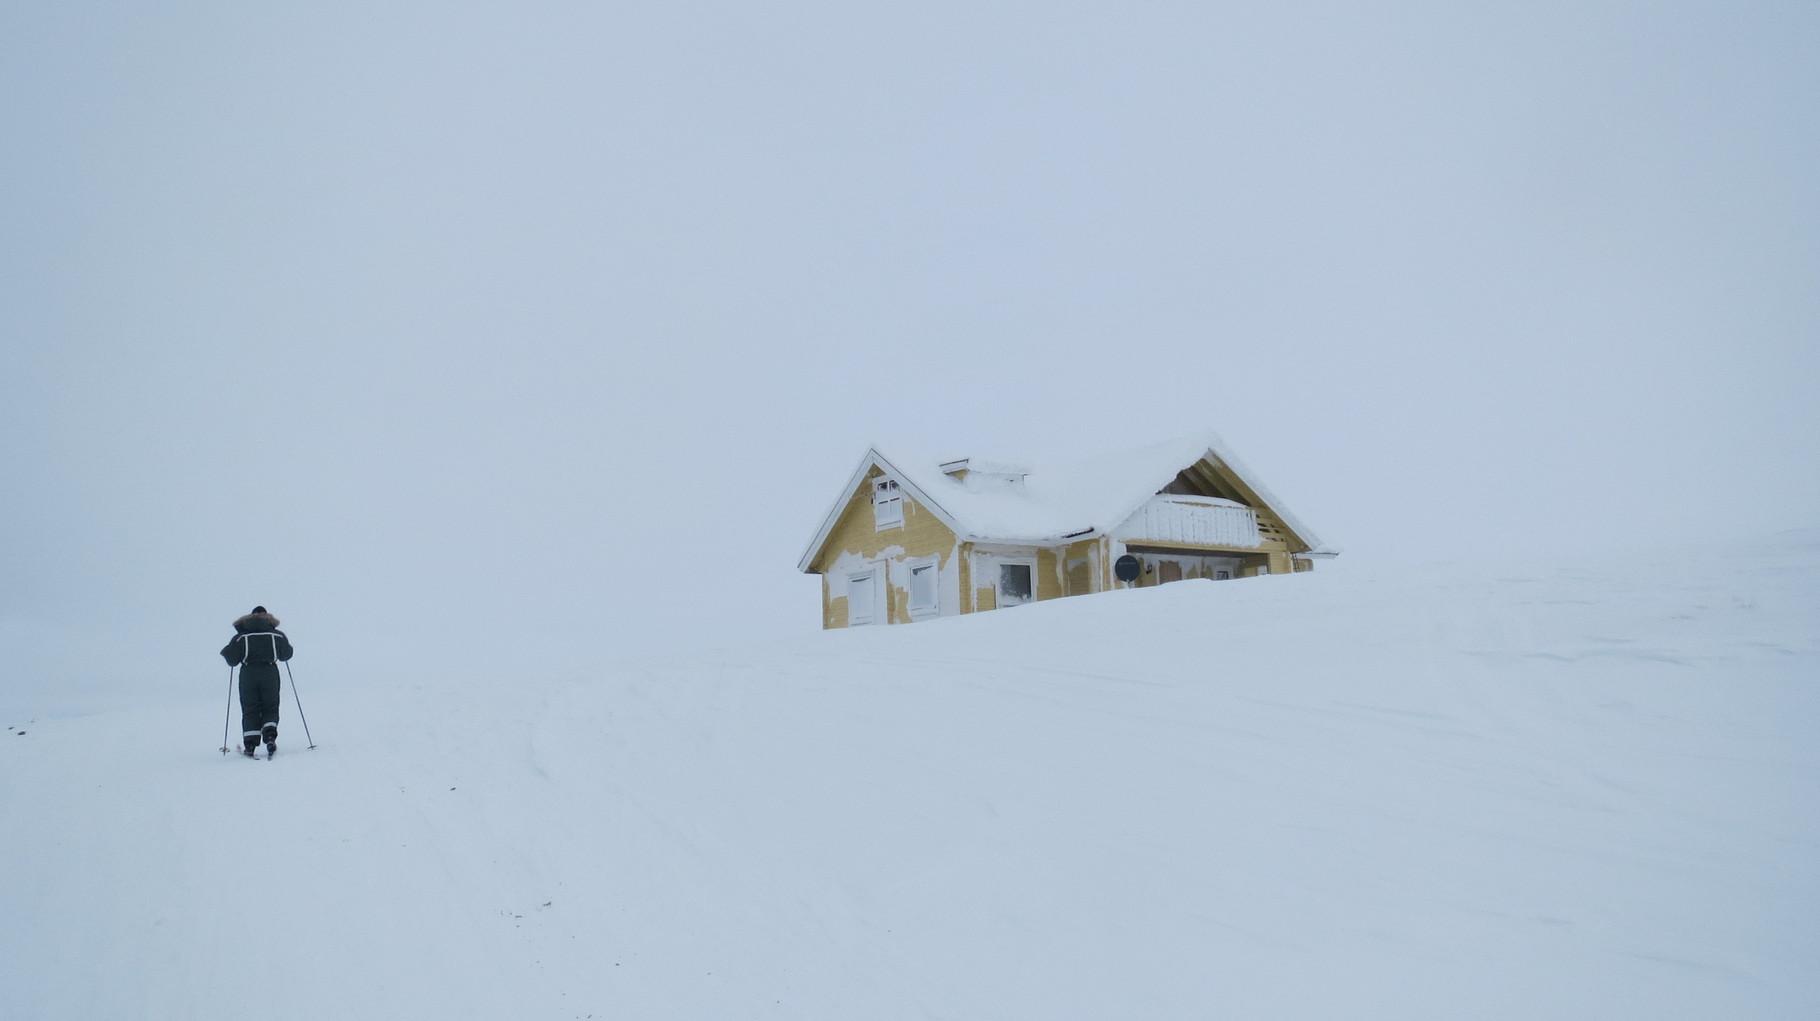 Bei eisigem Wind und viel Schnee passieren wir eine einsame Hütte ...